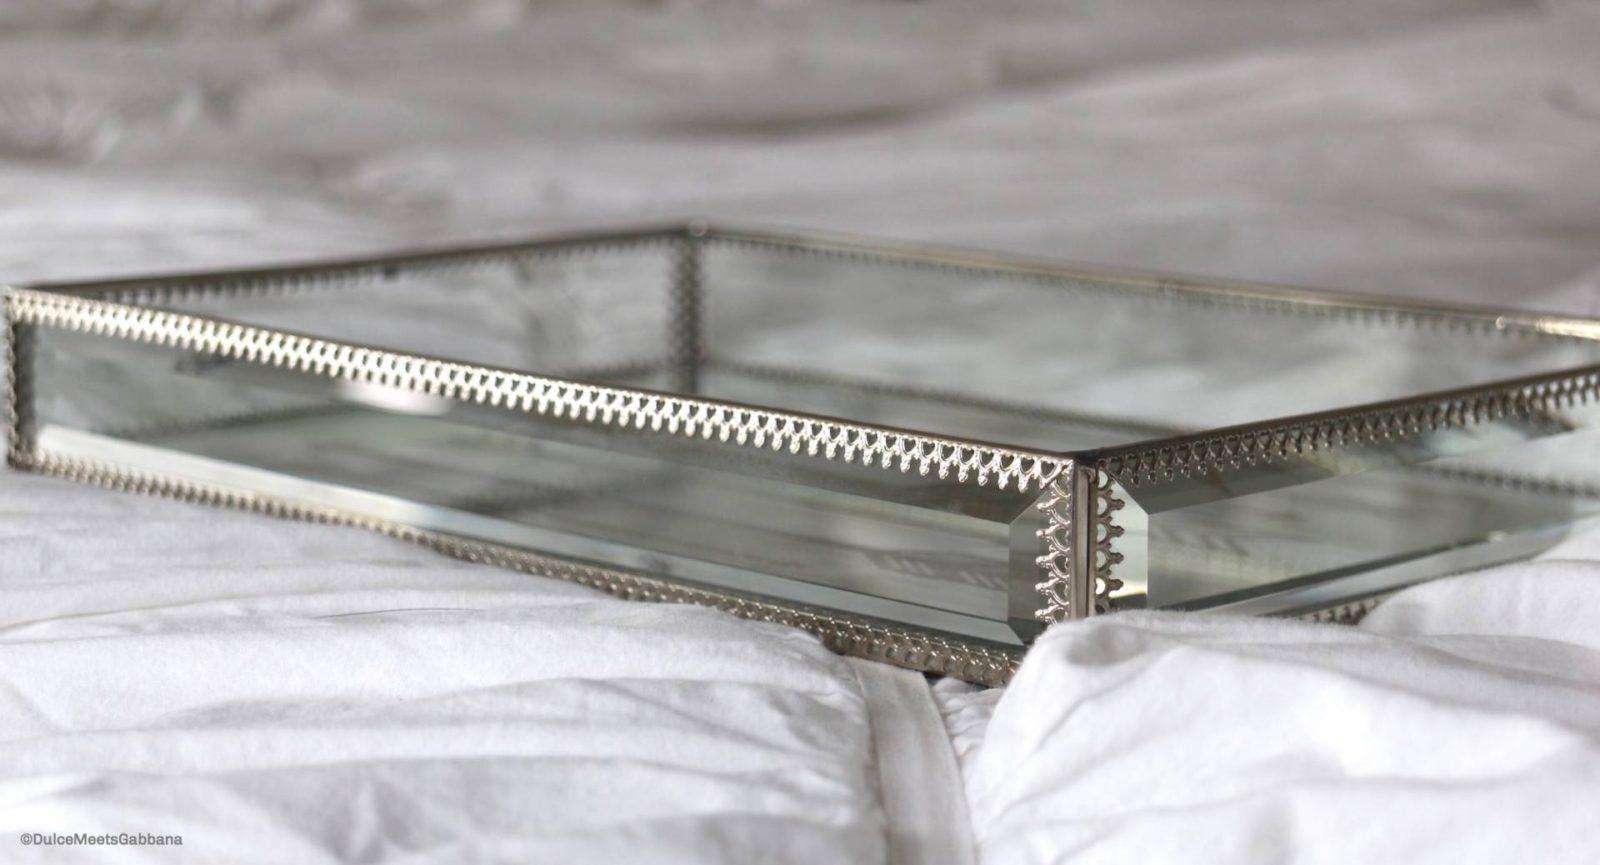 Sideofglasstray